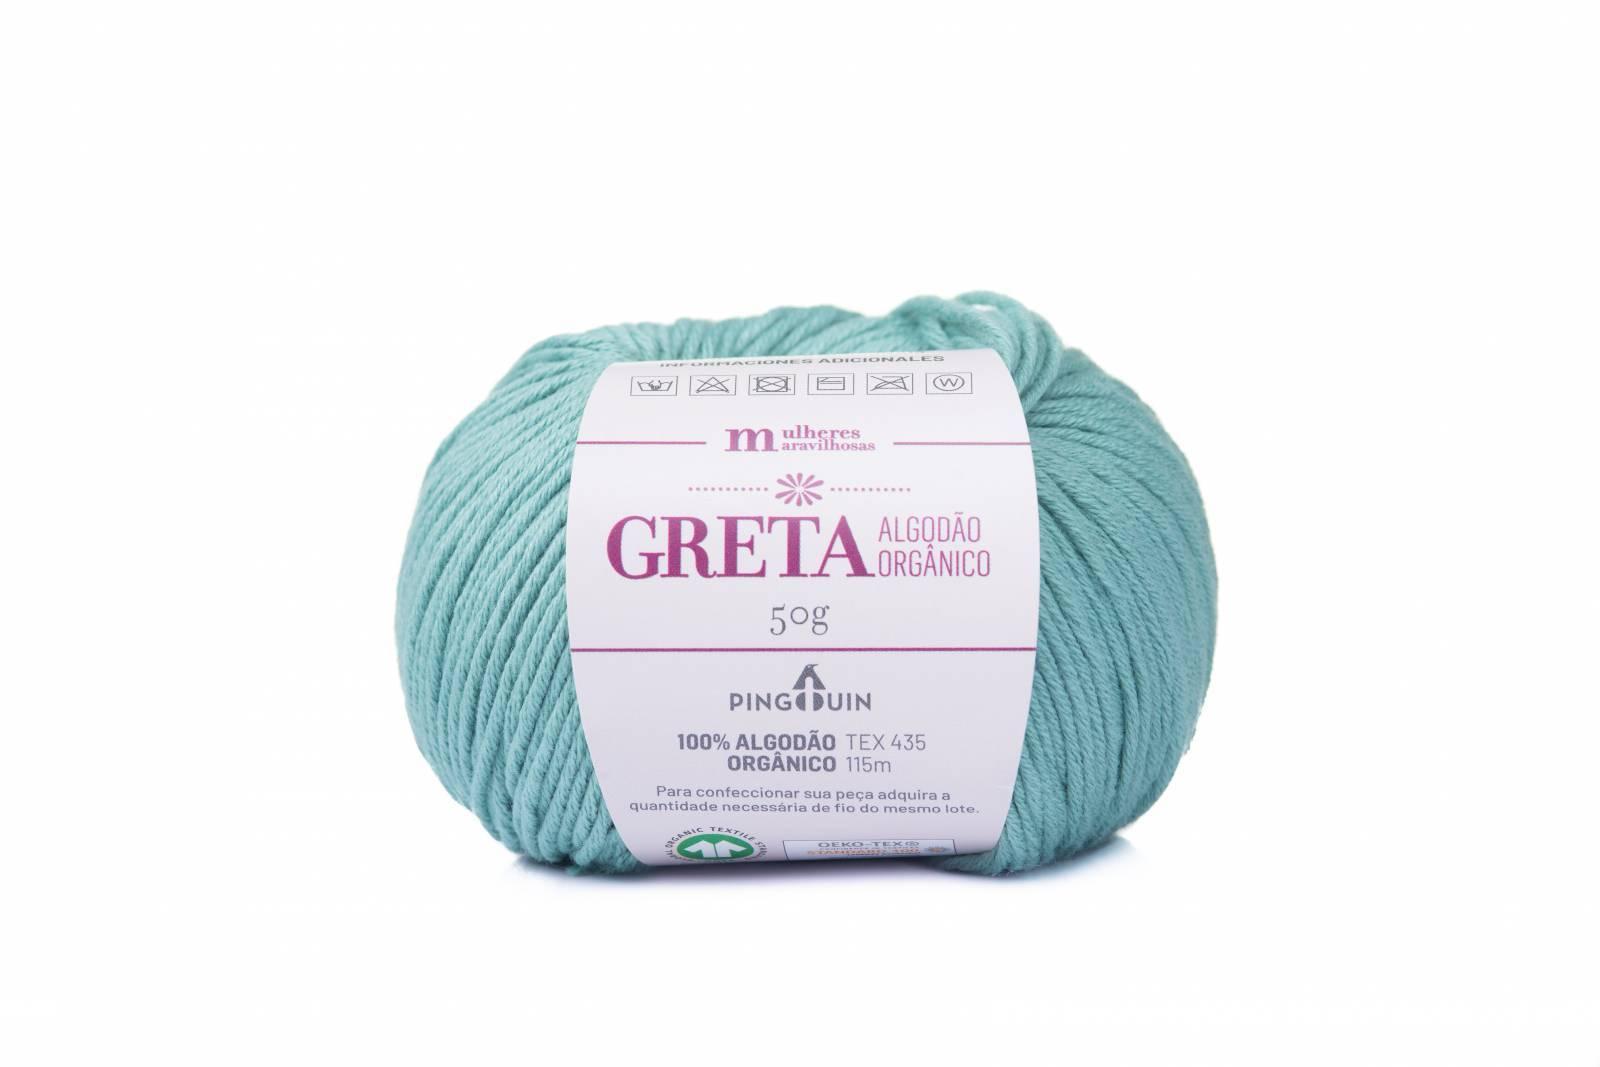 Greta cor 9643 verde - BAÚ DA VOVÓ